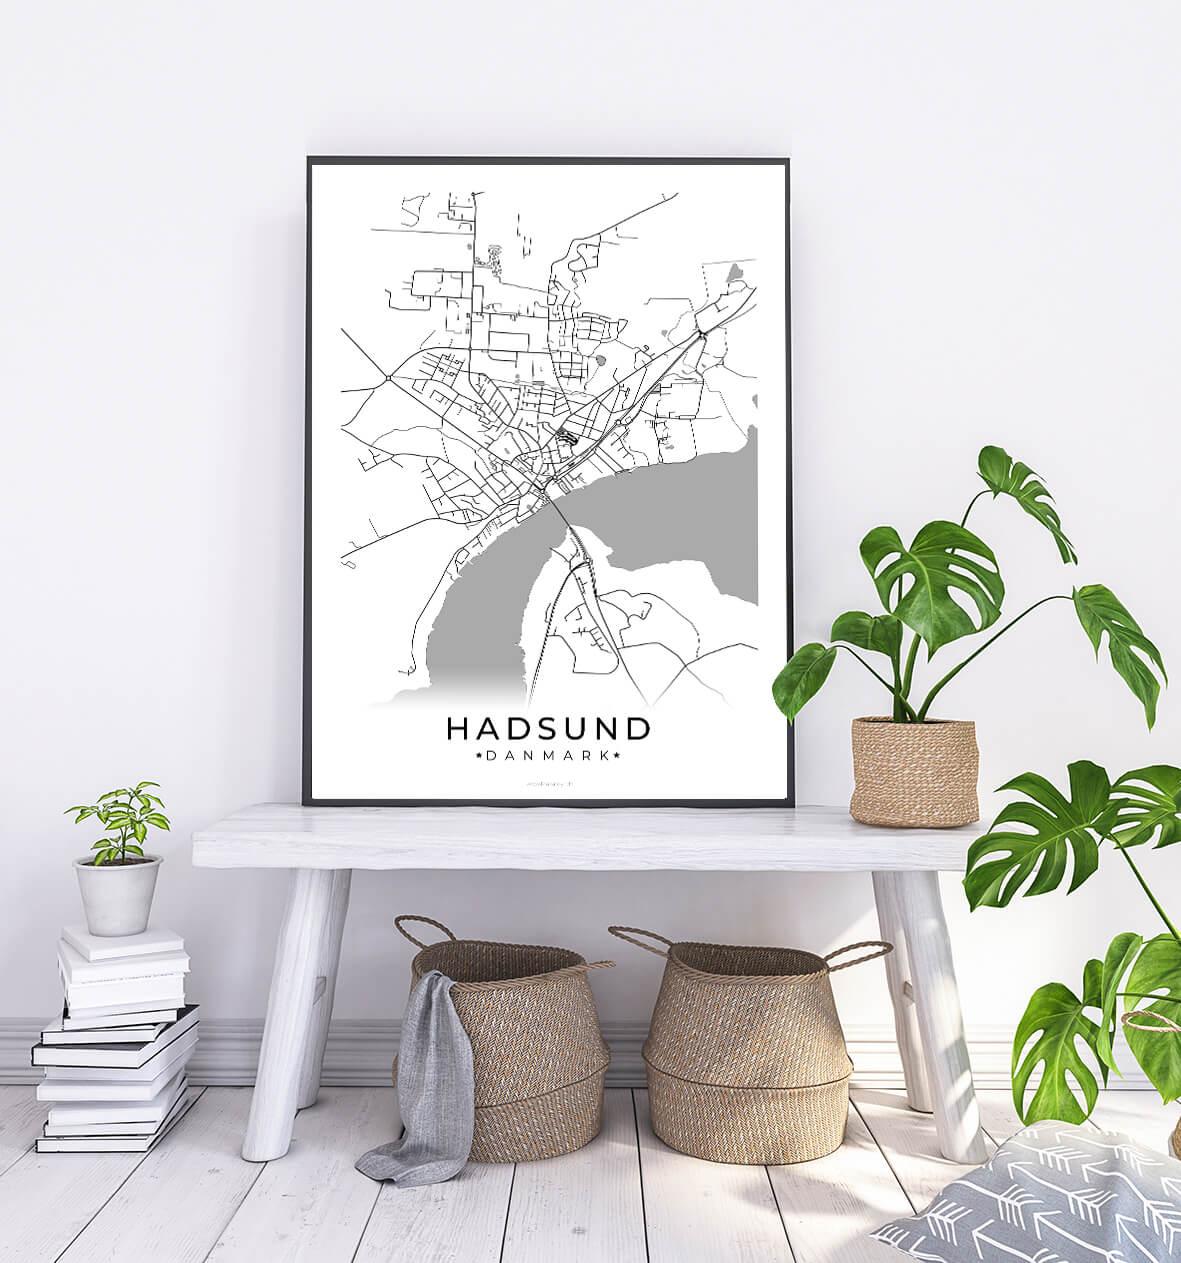 Hadsund-hvid-byplakat-1